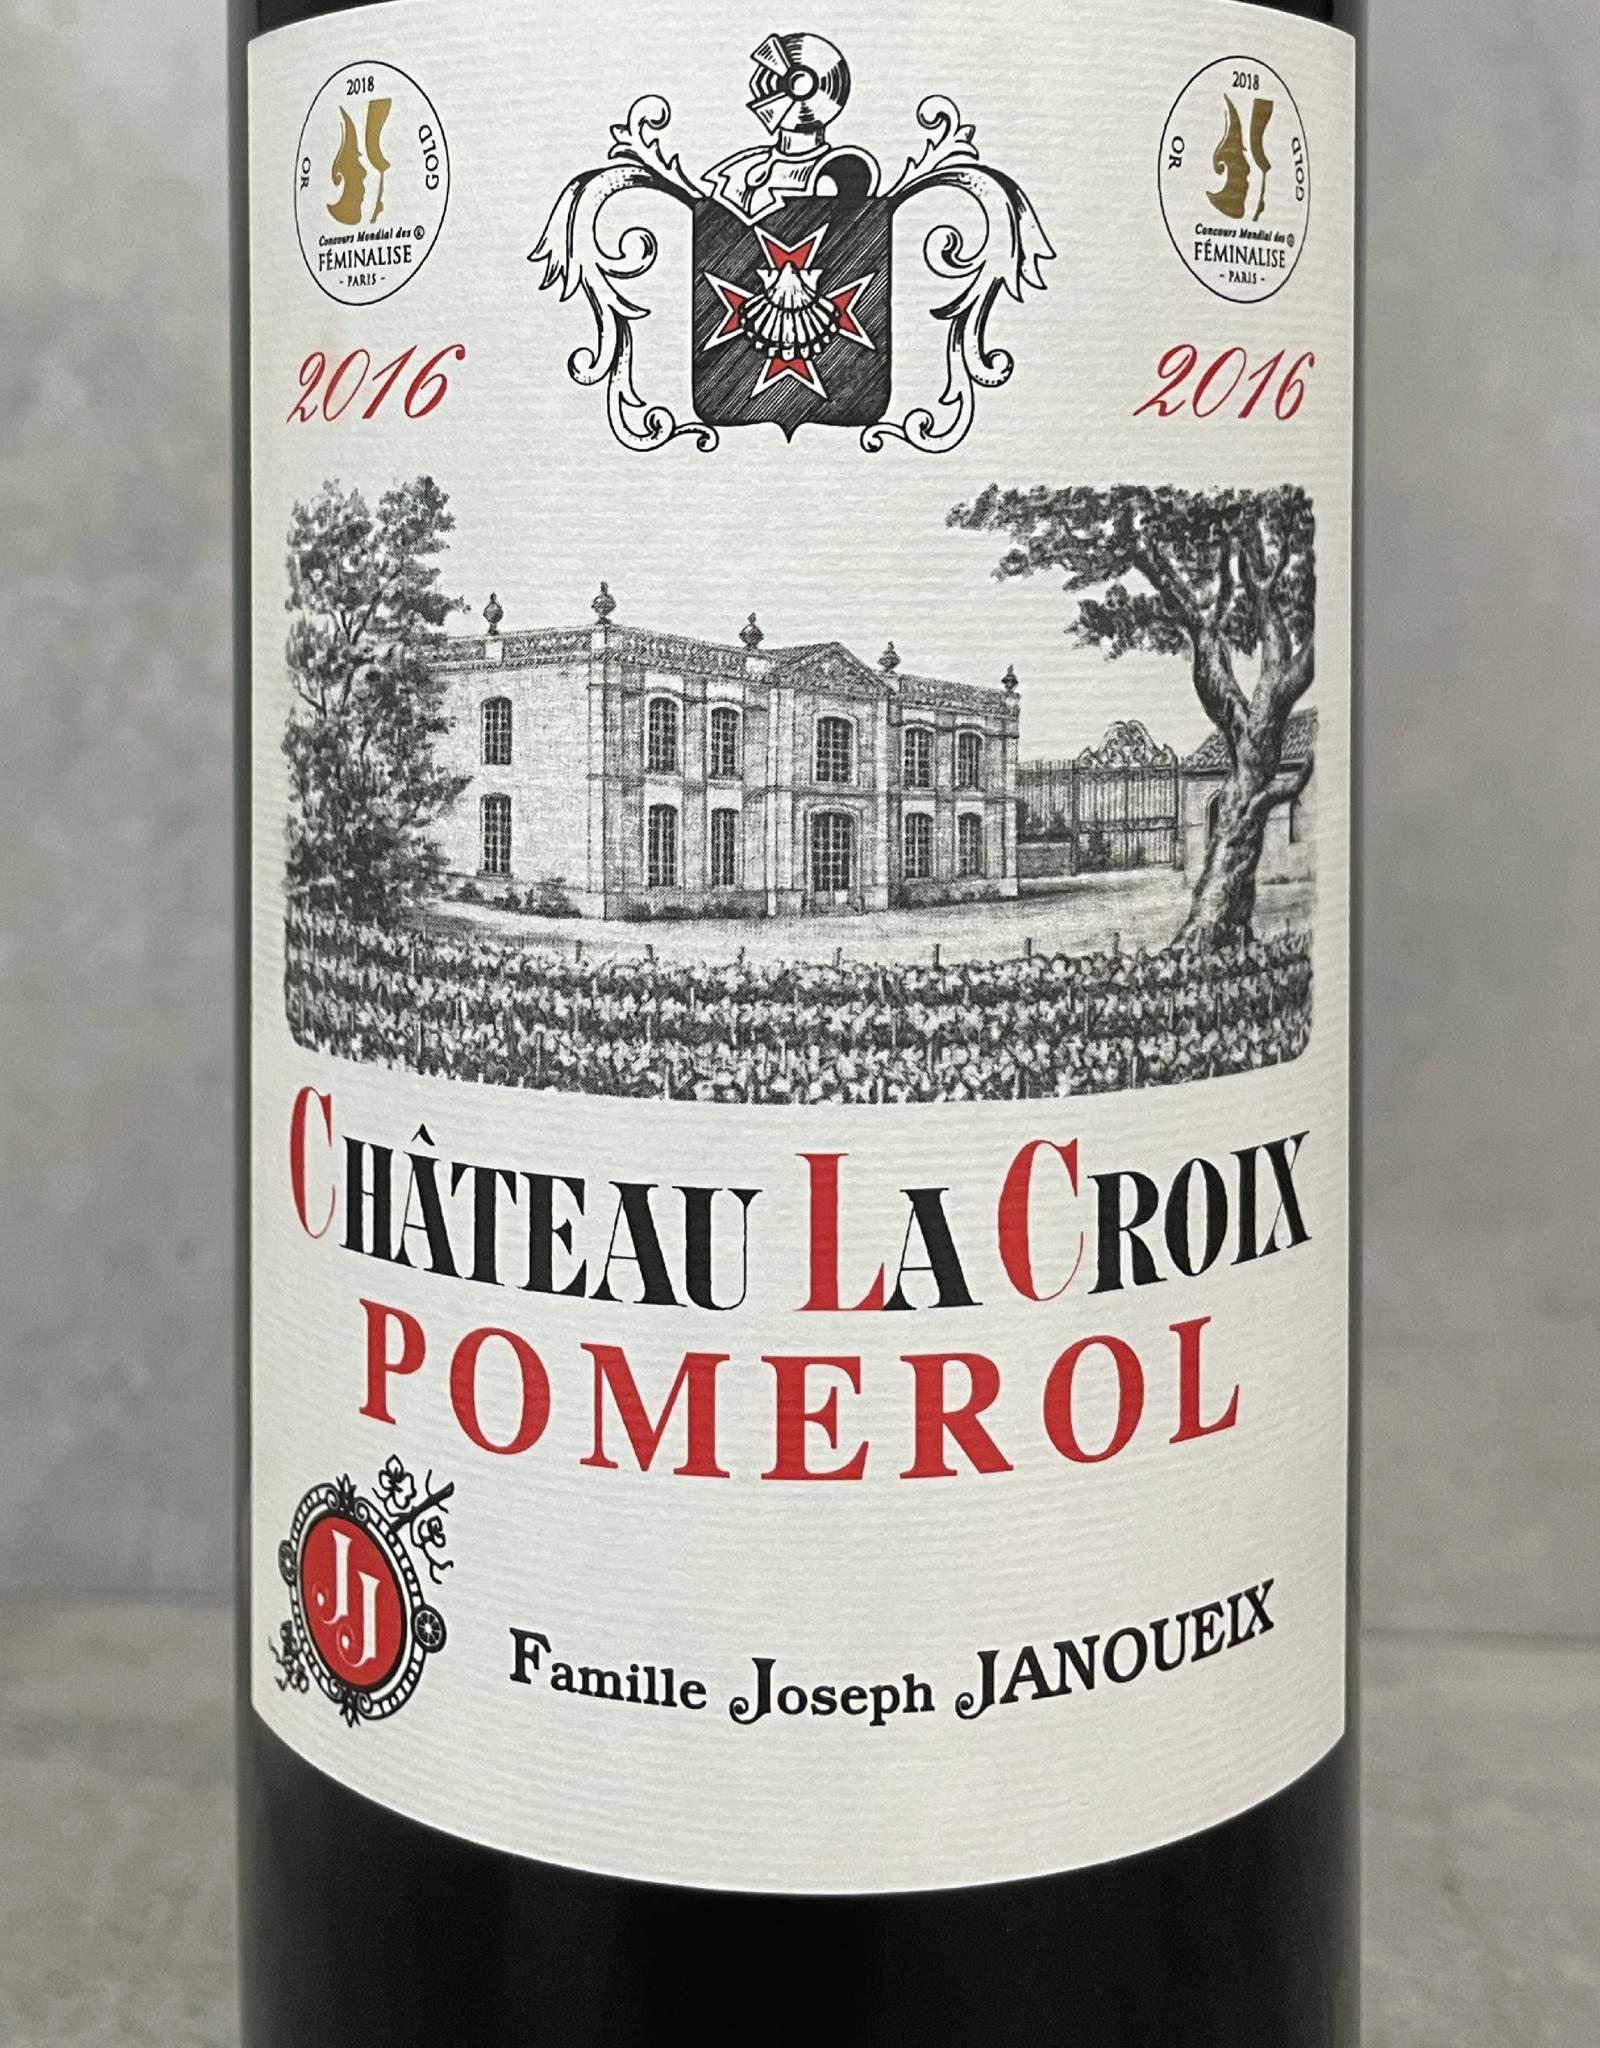 J. Janoueix La Croix Pomerol 2009